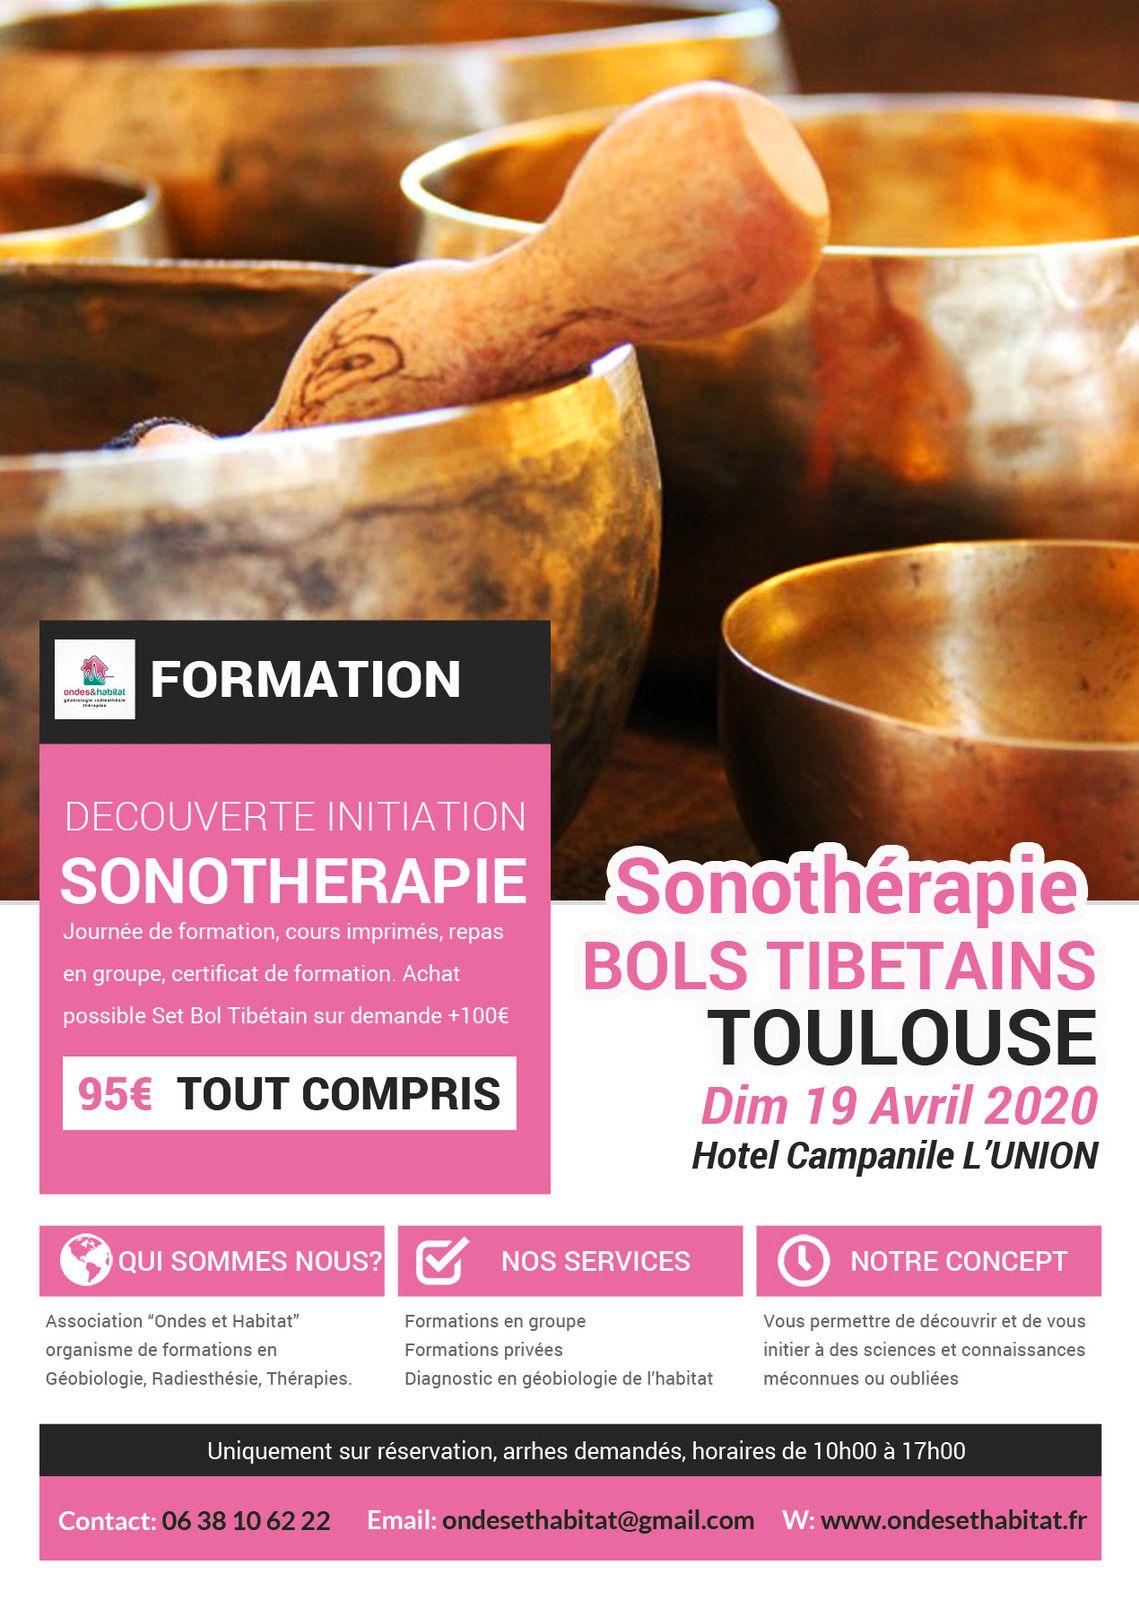 """TOULOUSE - Formation Sonotherapie """"BOLS TIBETAINS, utilisation CORPS et CHAKRAS"""" Dimanche 19 Avril 2020"""